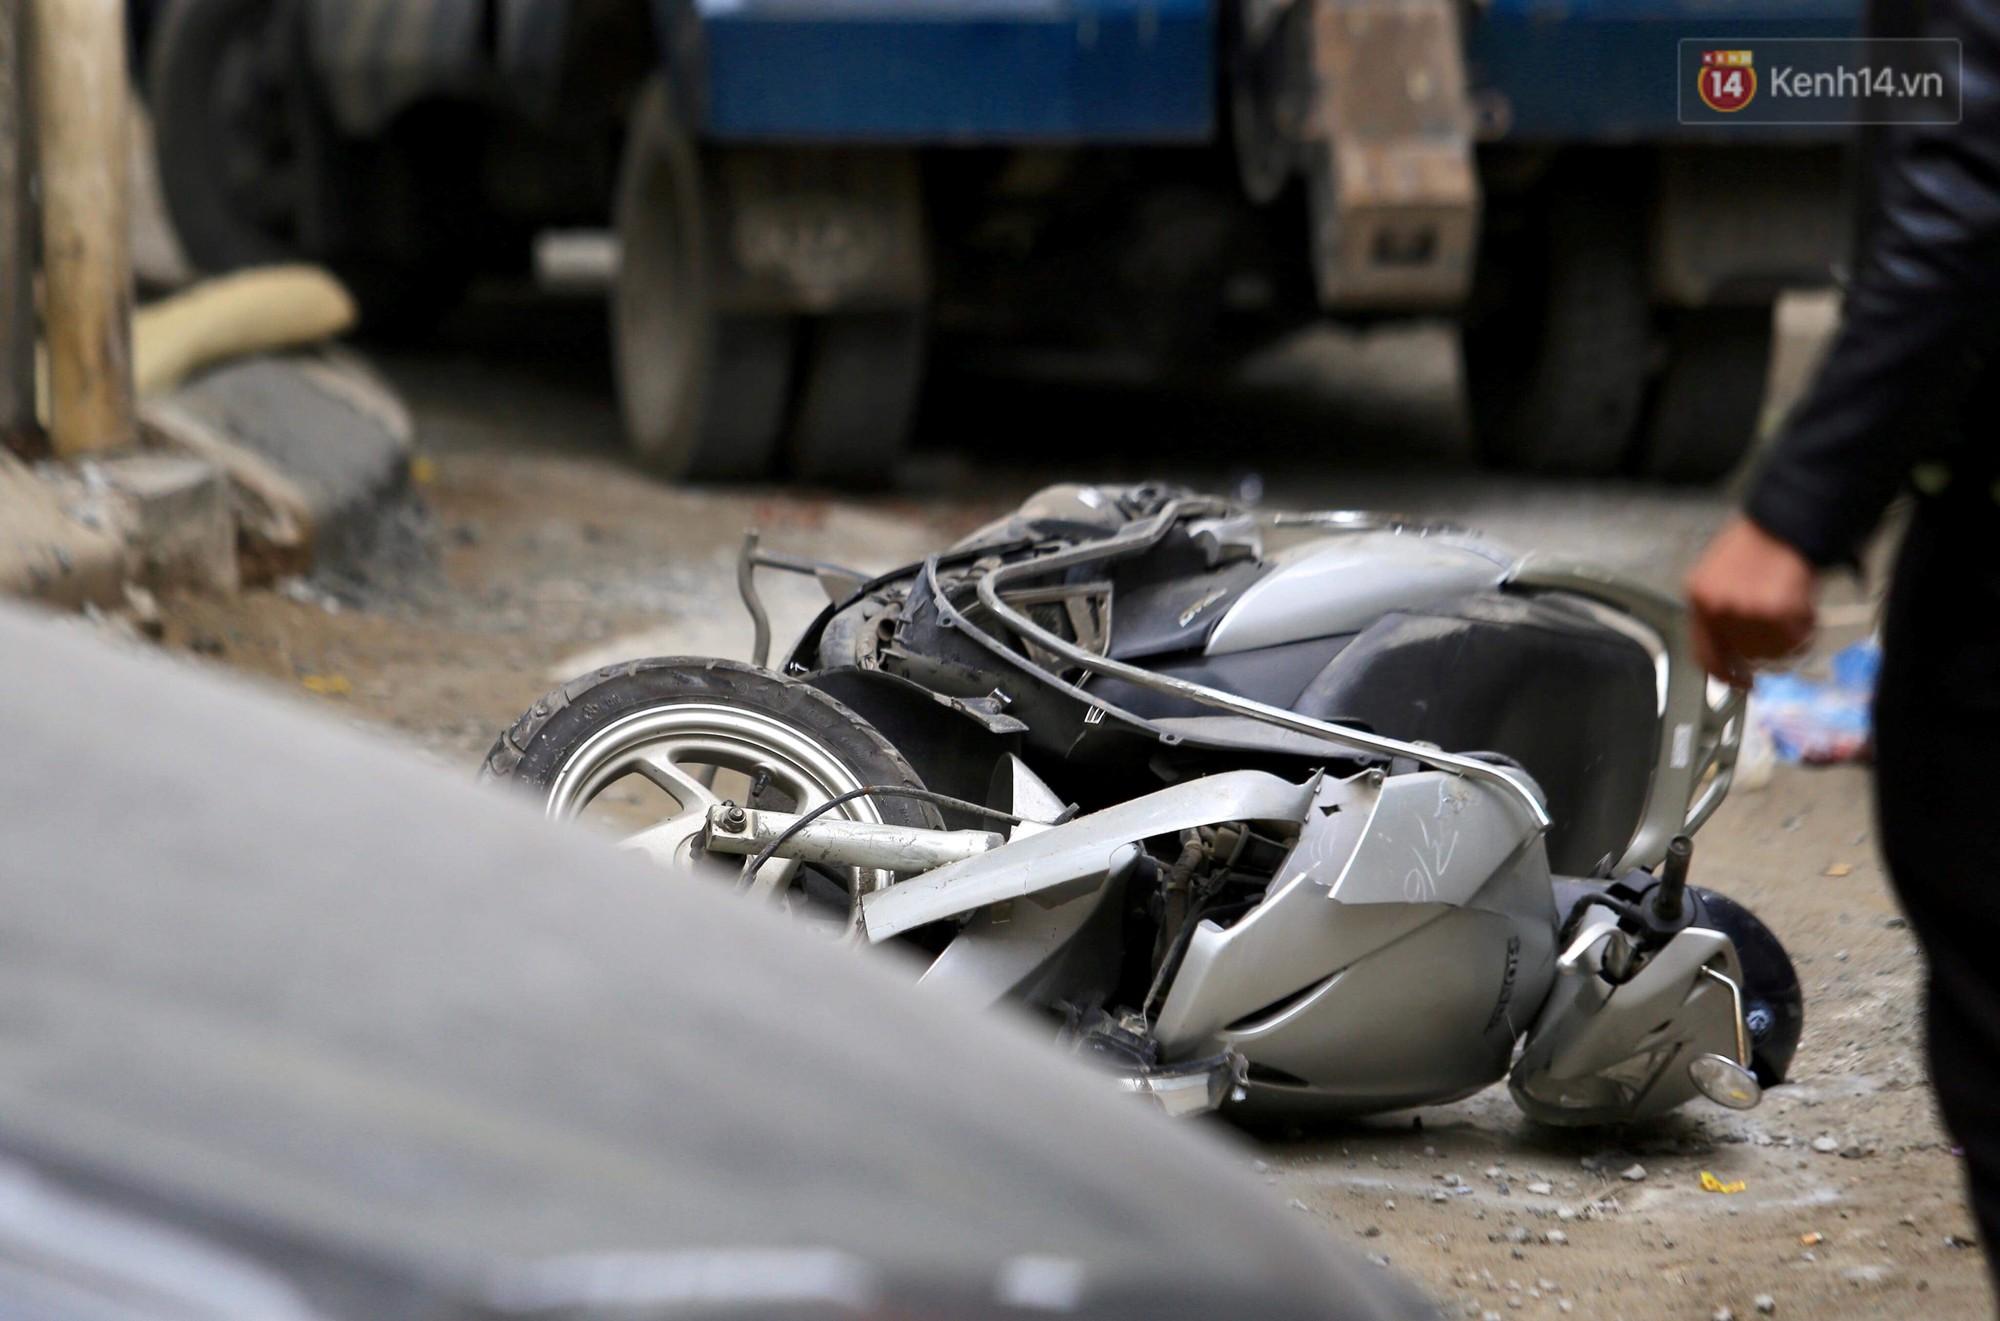 Nhân chứng thoát chết vụ ô tô Camry đi lùi tông tử vong 1 phụ nữ: Sau tai nạn, nữ tài xế mở cửa bỏ chạy - Ảnh 2.